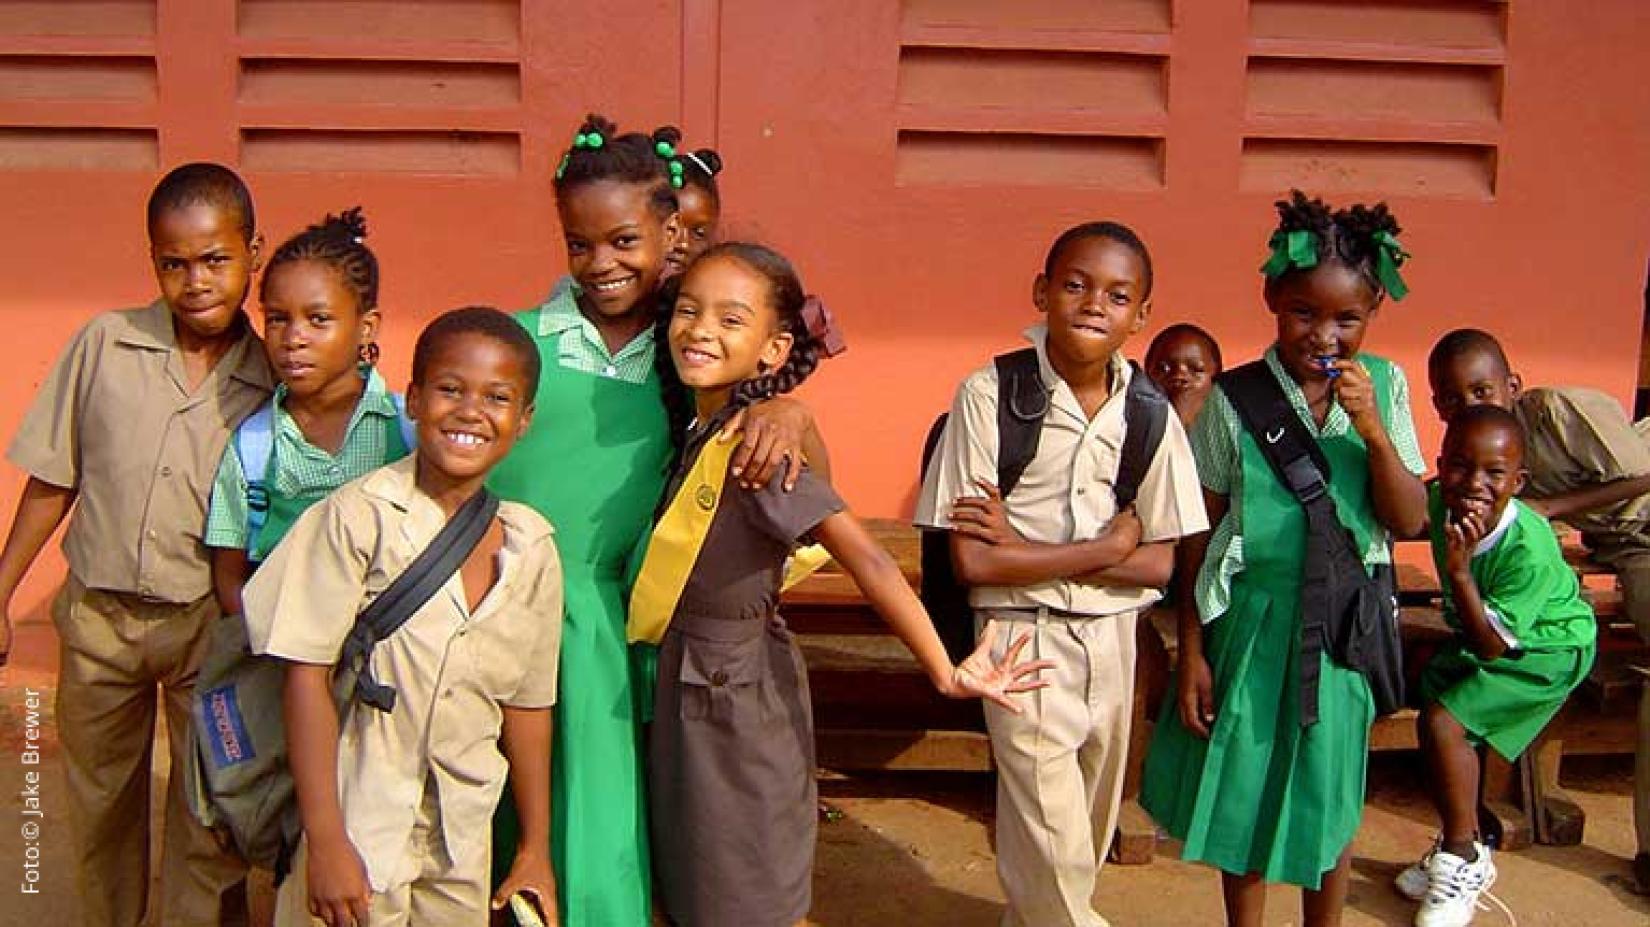 O trabalho infantil diminuiu 38% na última década, mas 152 milhões de crianças ainda são afetadas. A pandemia de COVID-19 piorou consideravelmente a situação, mas uma ação conjunta e decisiva pode reverter essa tendência.